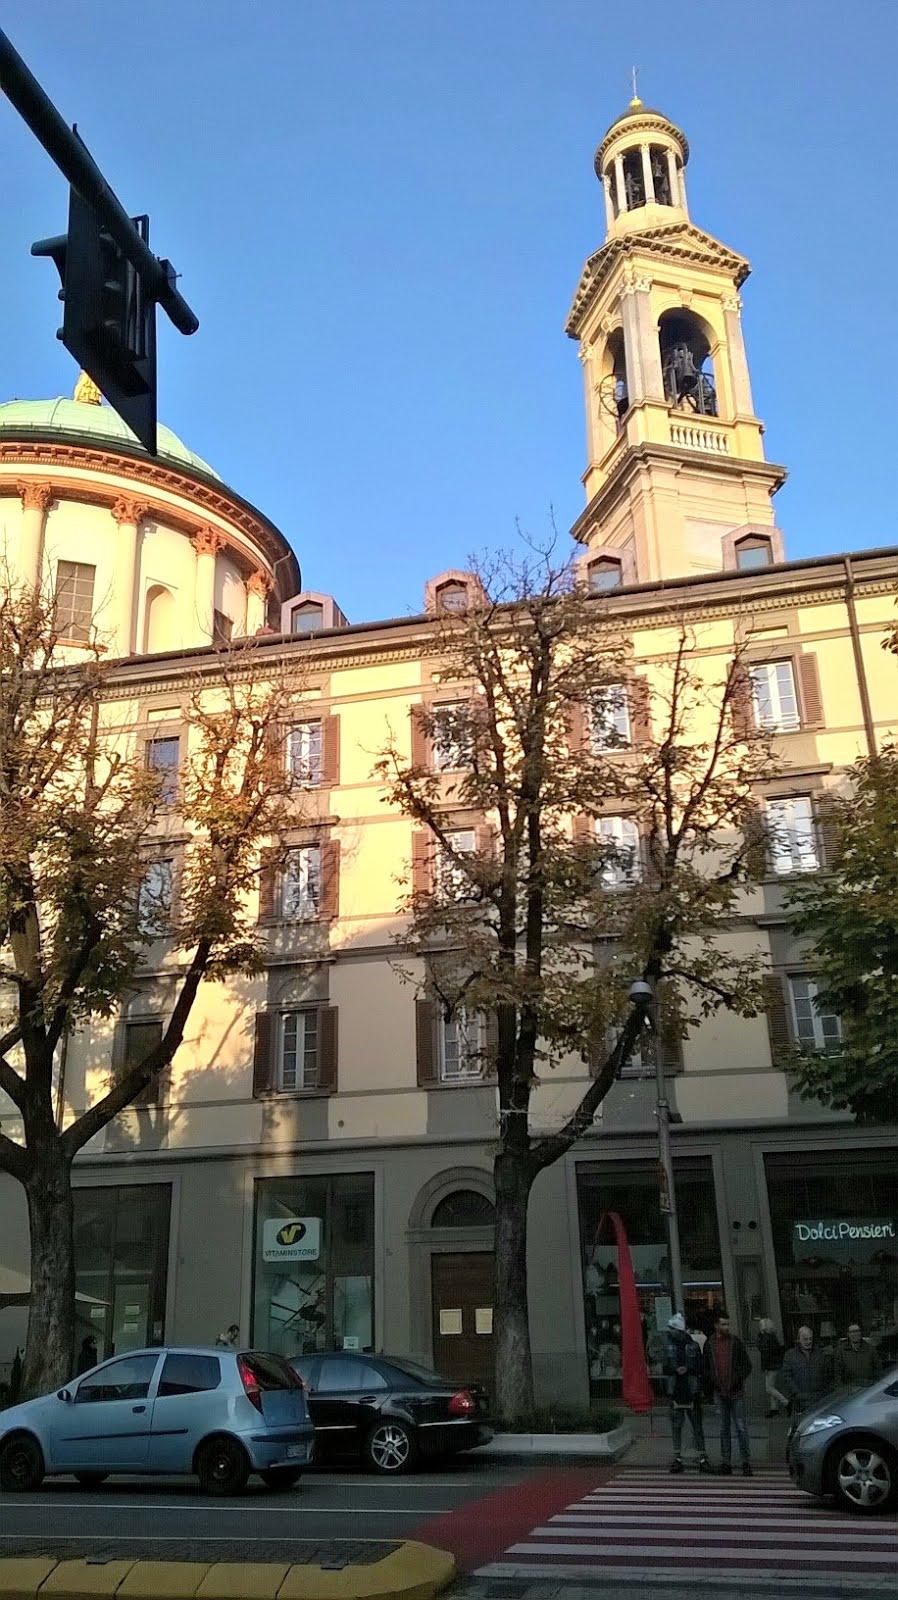 Quadrilocale affitto bergamo centro via papa giovanni 5 for Affitto appartamento bergamo centro